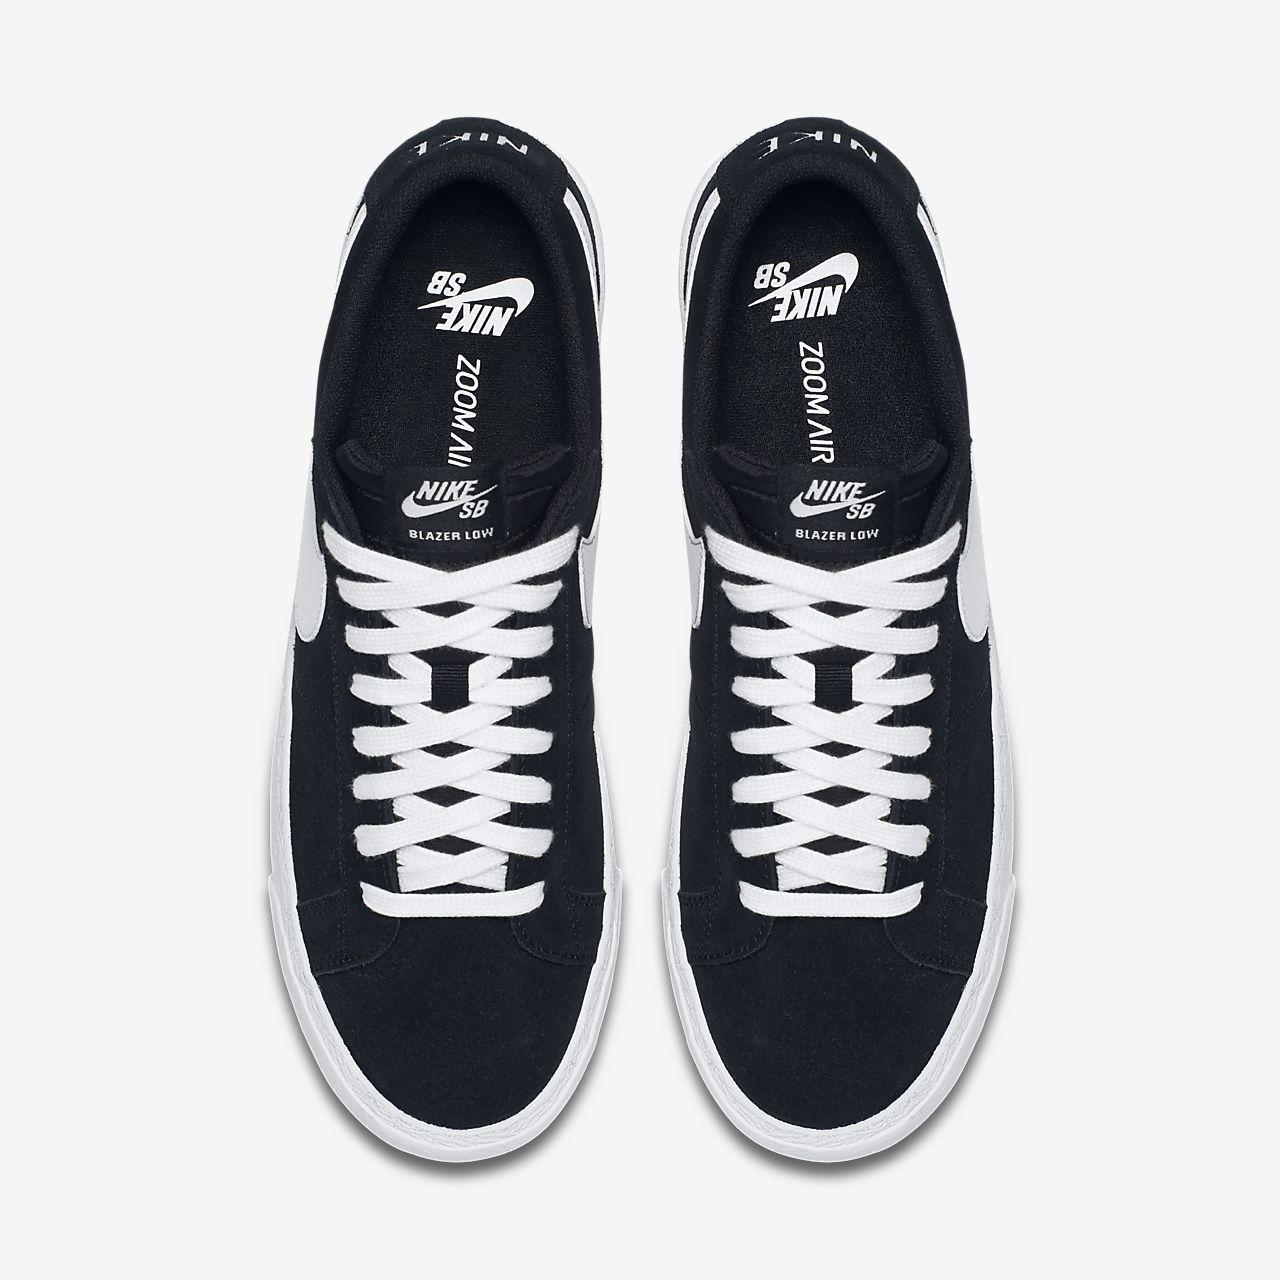 d63cb694dd1 Calzado de skateboarding para hombre Nike SB Blazer Zoom Low. Nike ...